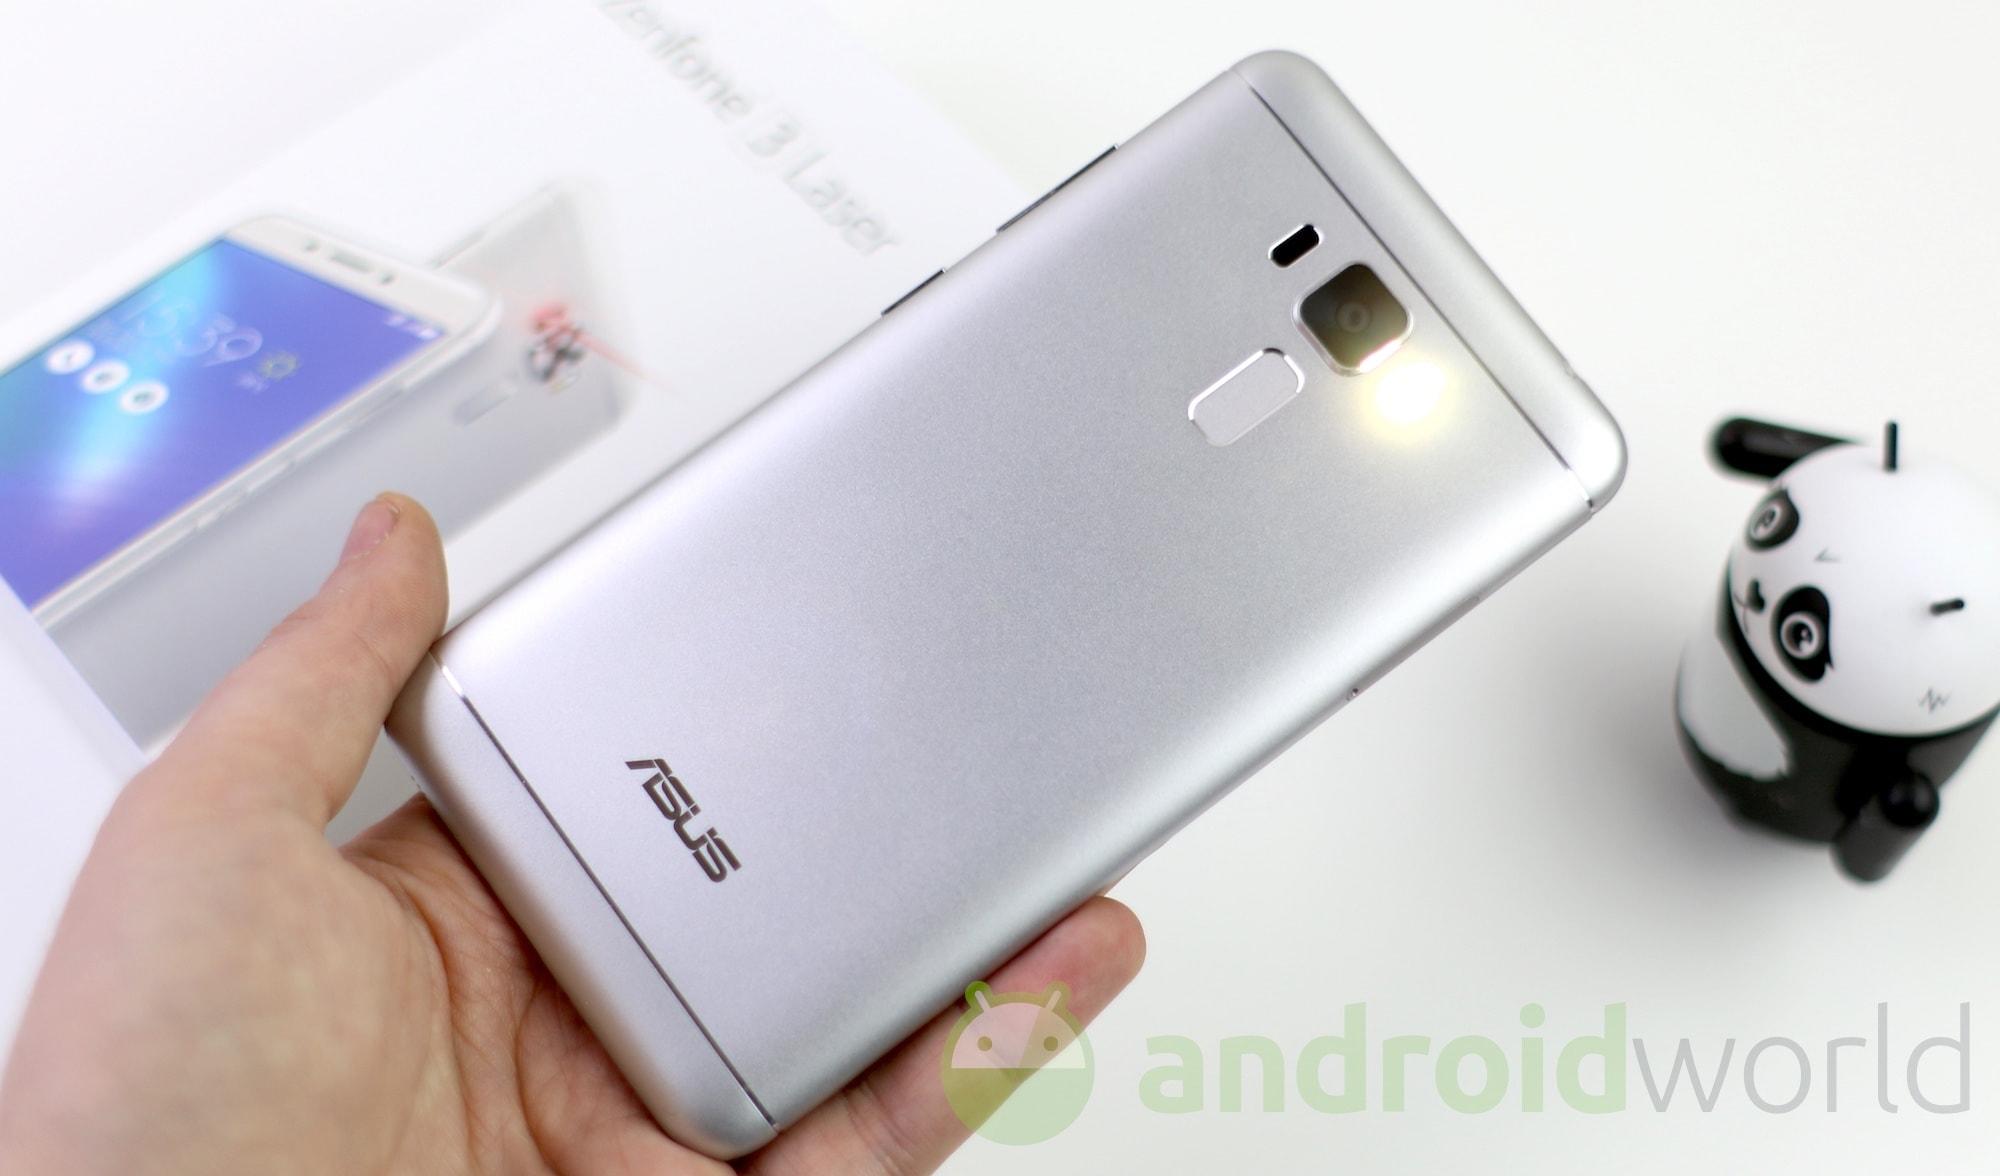 Promo Asus Zenfone 3 Laser Zc551kl Smartphone Silver 32gb 4gb 4g Acer E5 575 Hitam Intel Core I3 6006u Ddr4 128gb Ssd 156ampquot Linux Recensione Dalla Prova Alle Foto Allautonomia